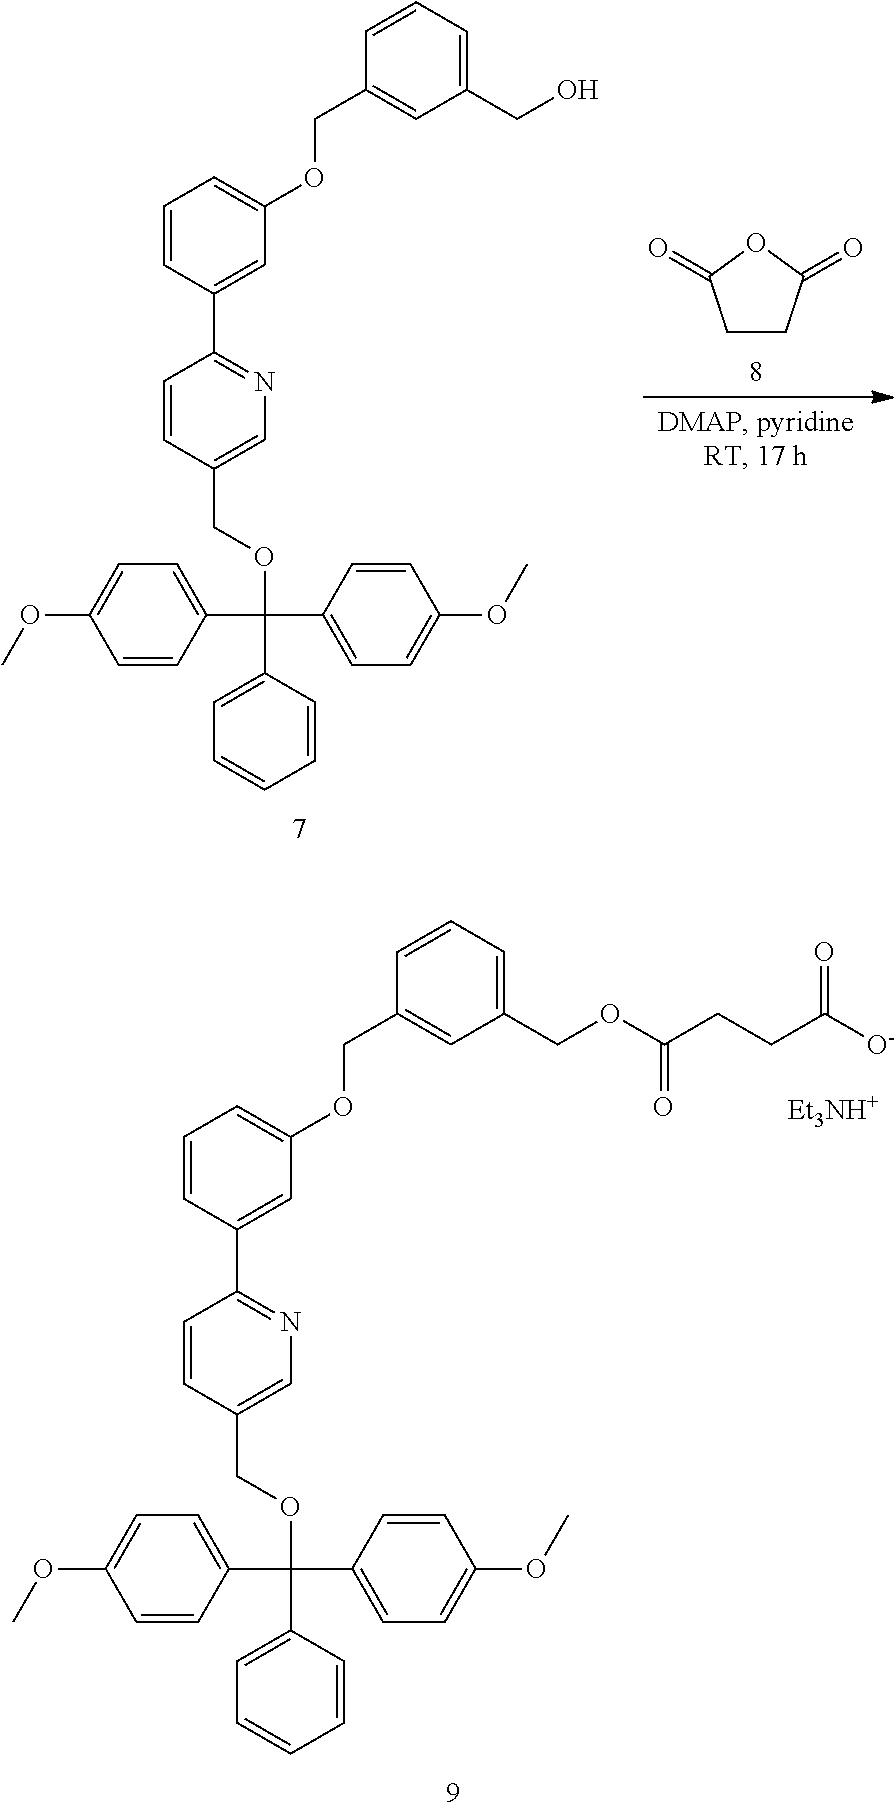 Figure US09988627-20180605-C00287